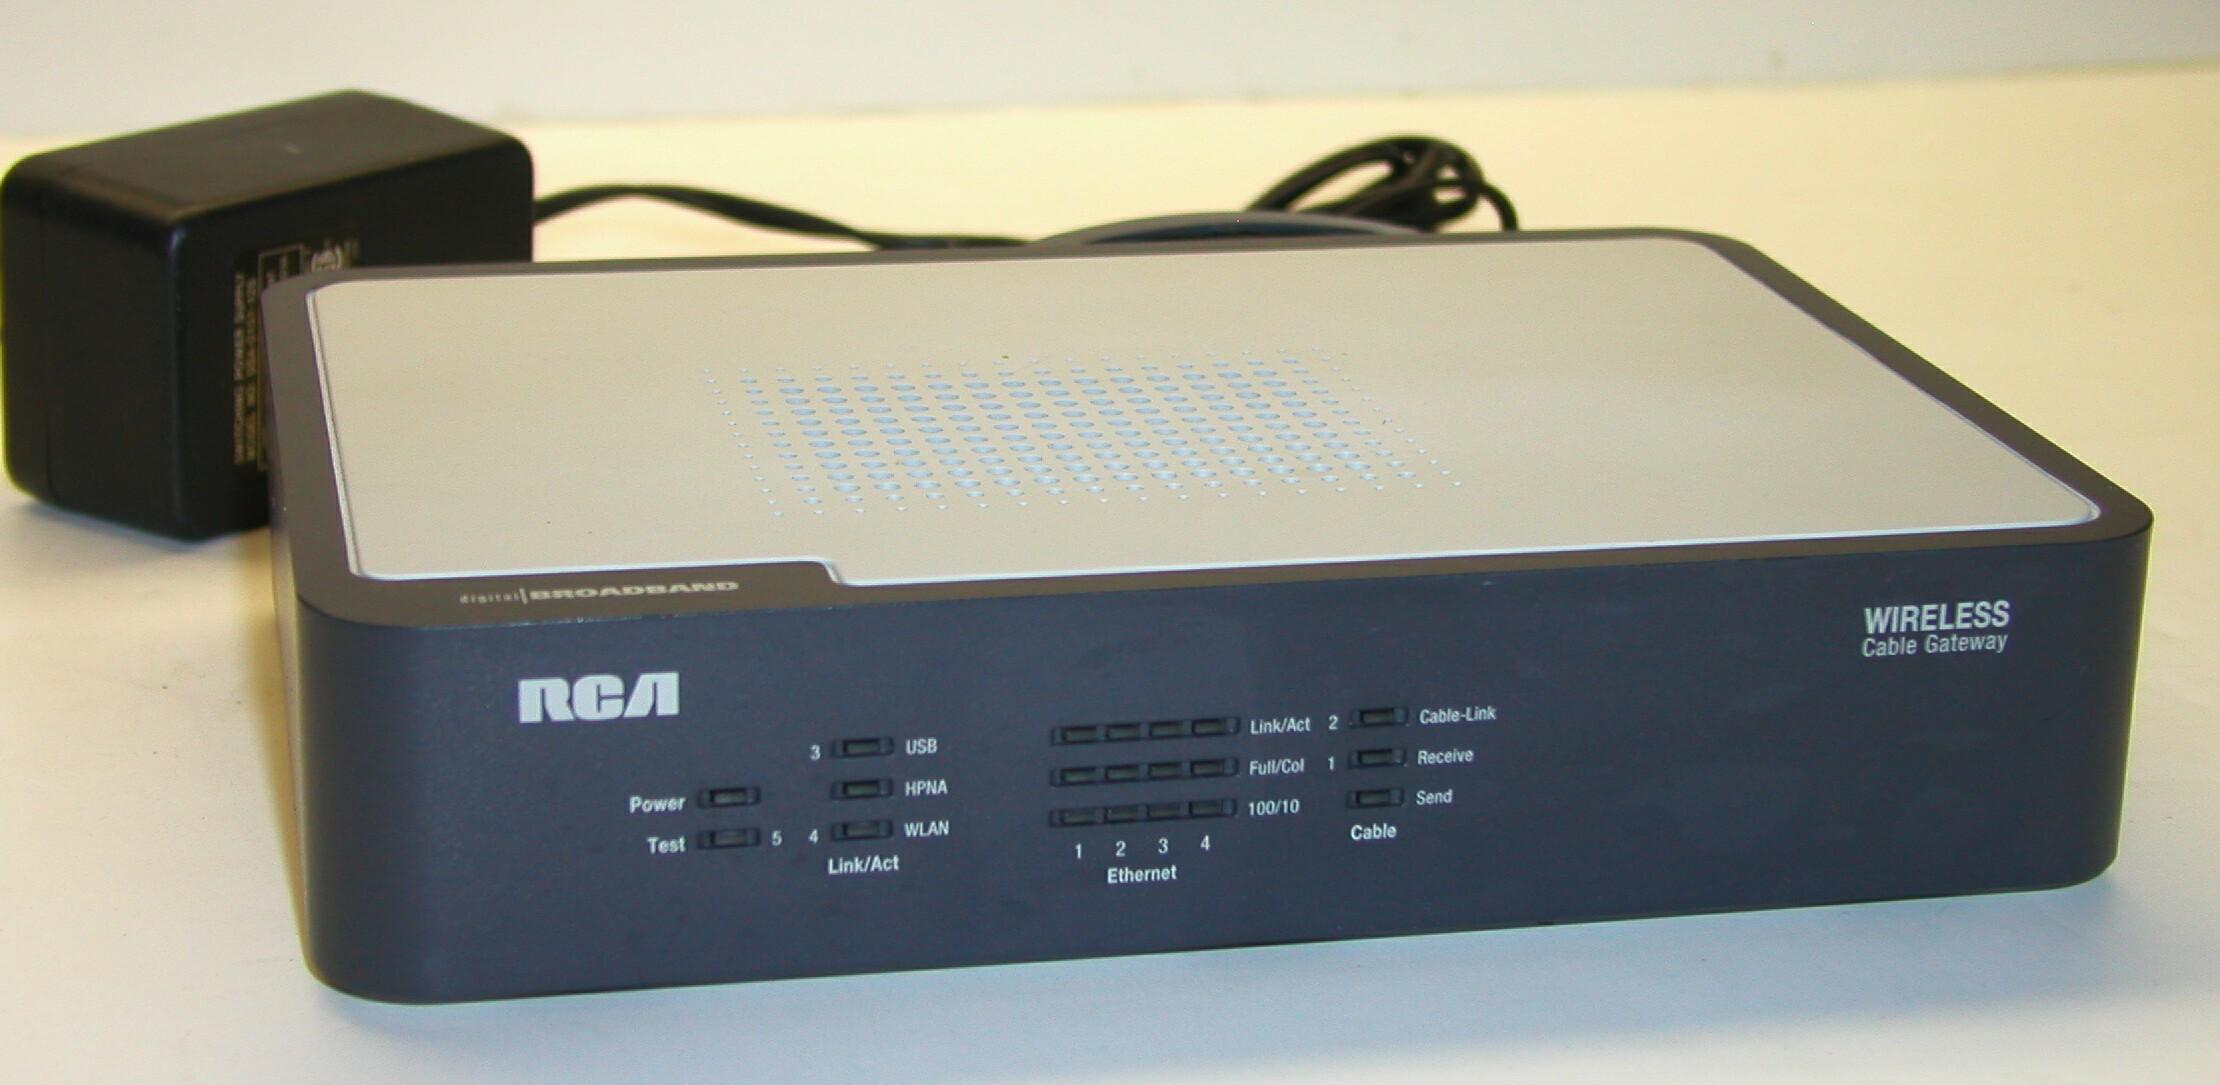 broadband rca broadband modem RCA DCM425 Modem Manual RCA DCM425 Modem Support